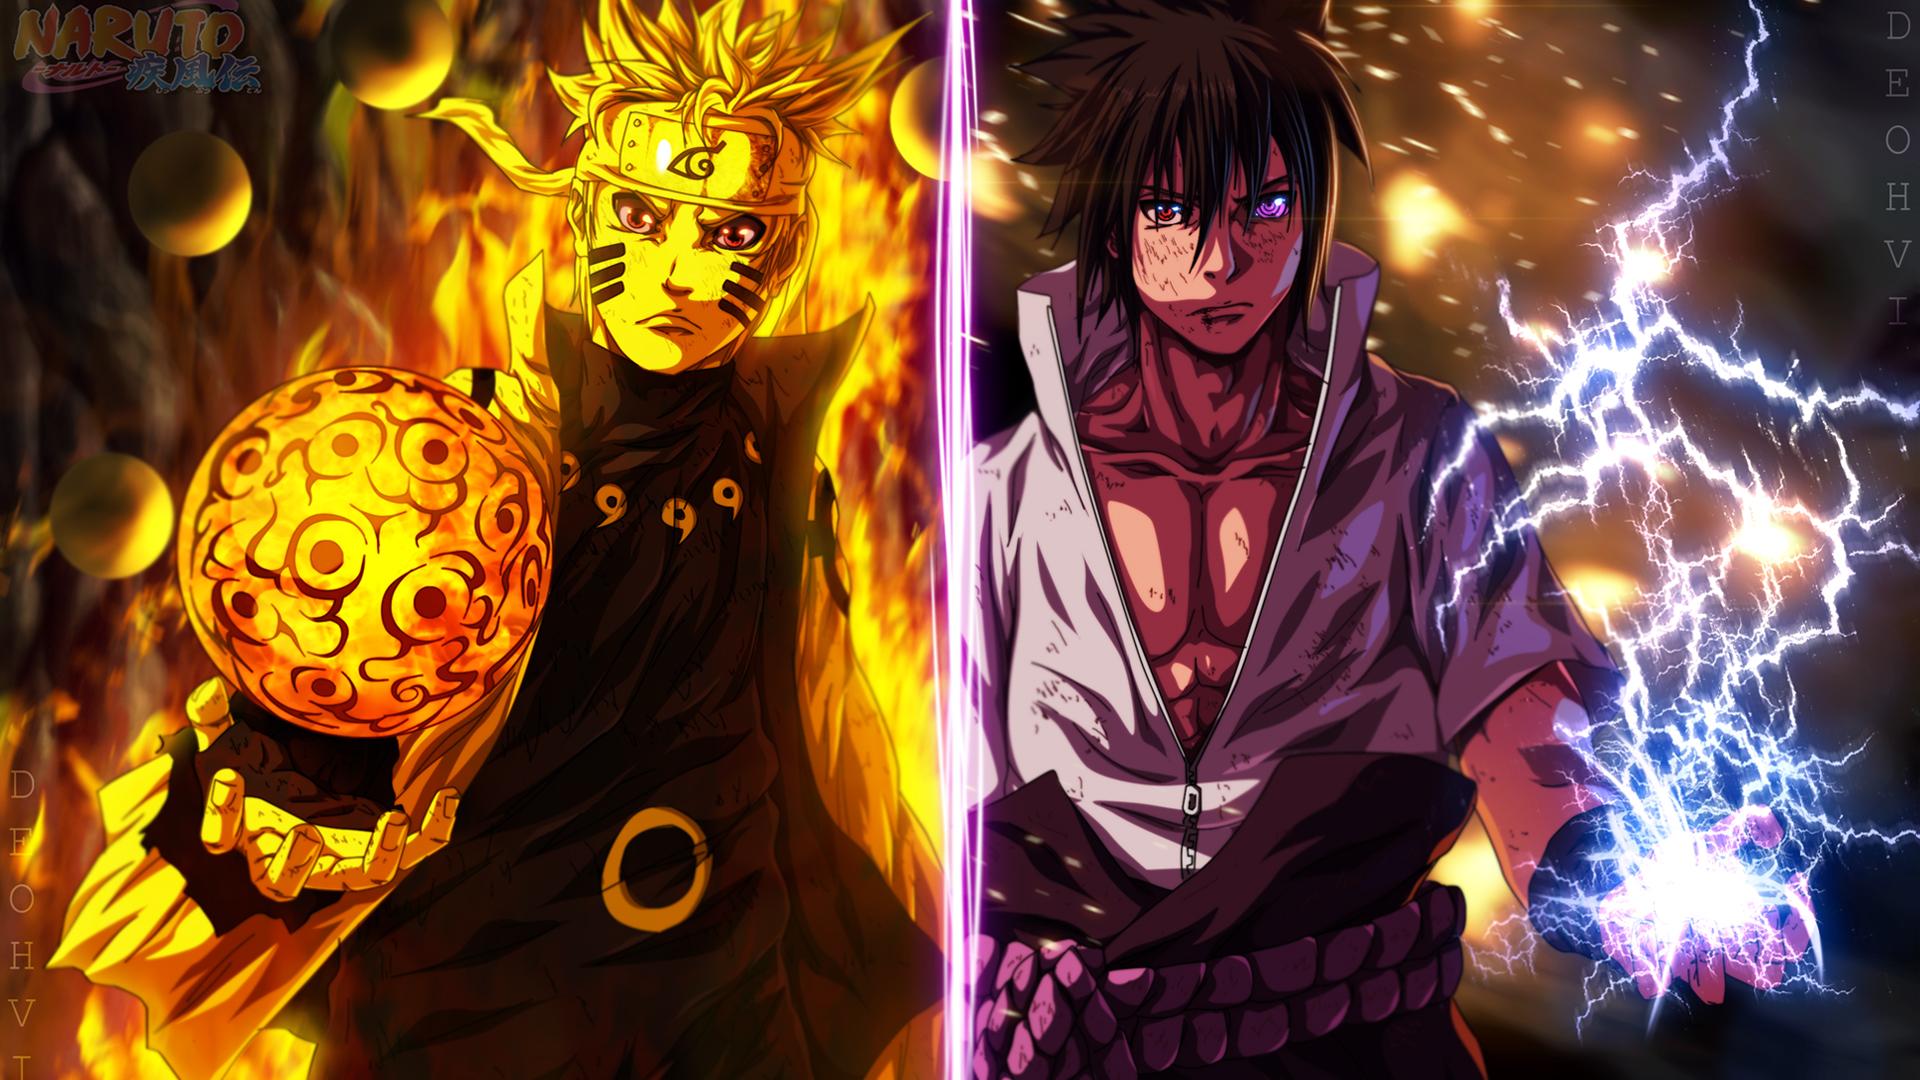 Hd wallpaper sasuke - Sasuke Vs Naruto Wallpaper Hd Wallpapersafari